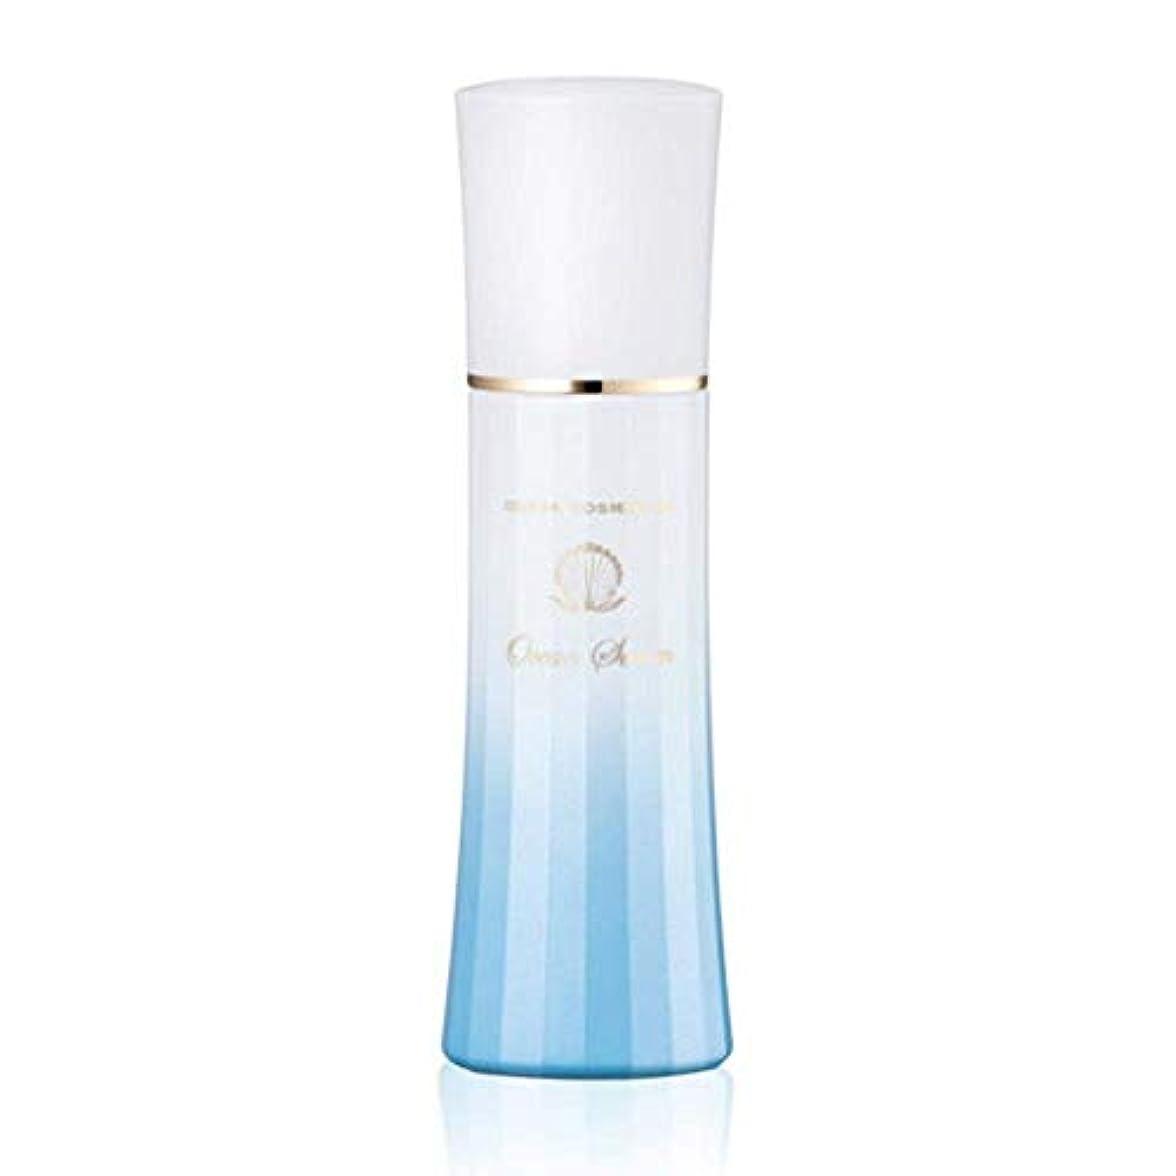 素子換気不利益オーシャンセラム(保湿美容液)120mL